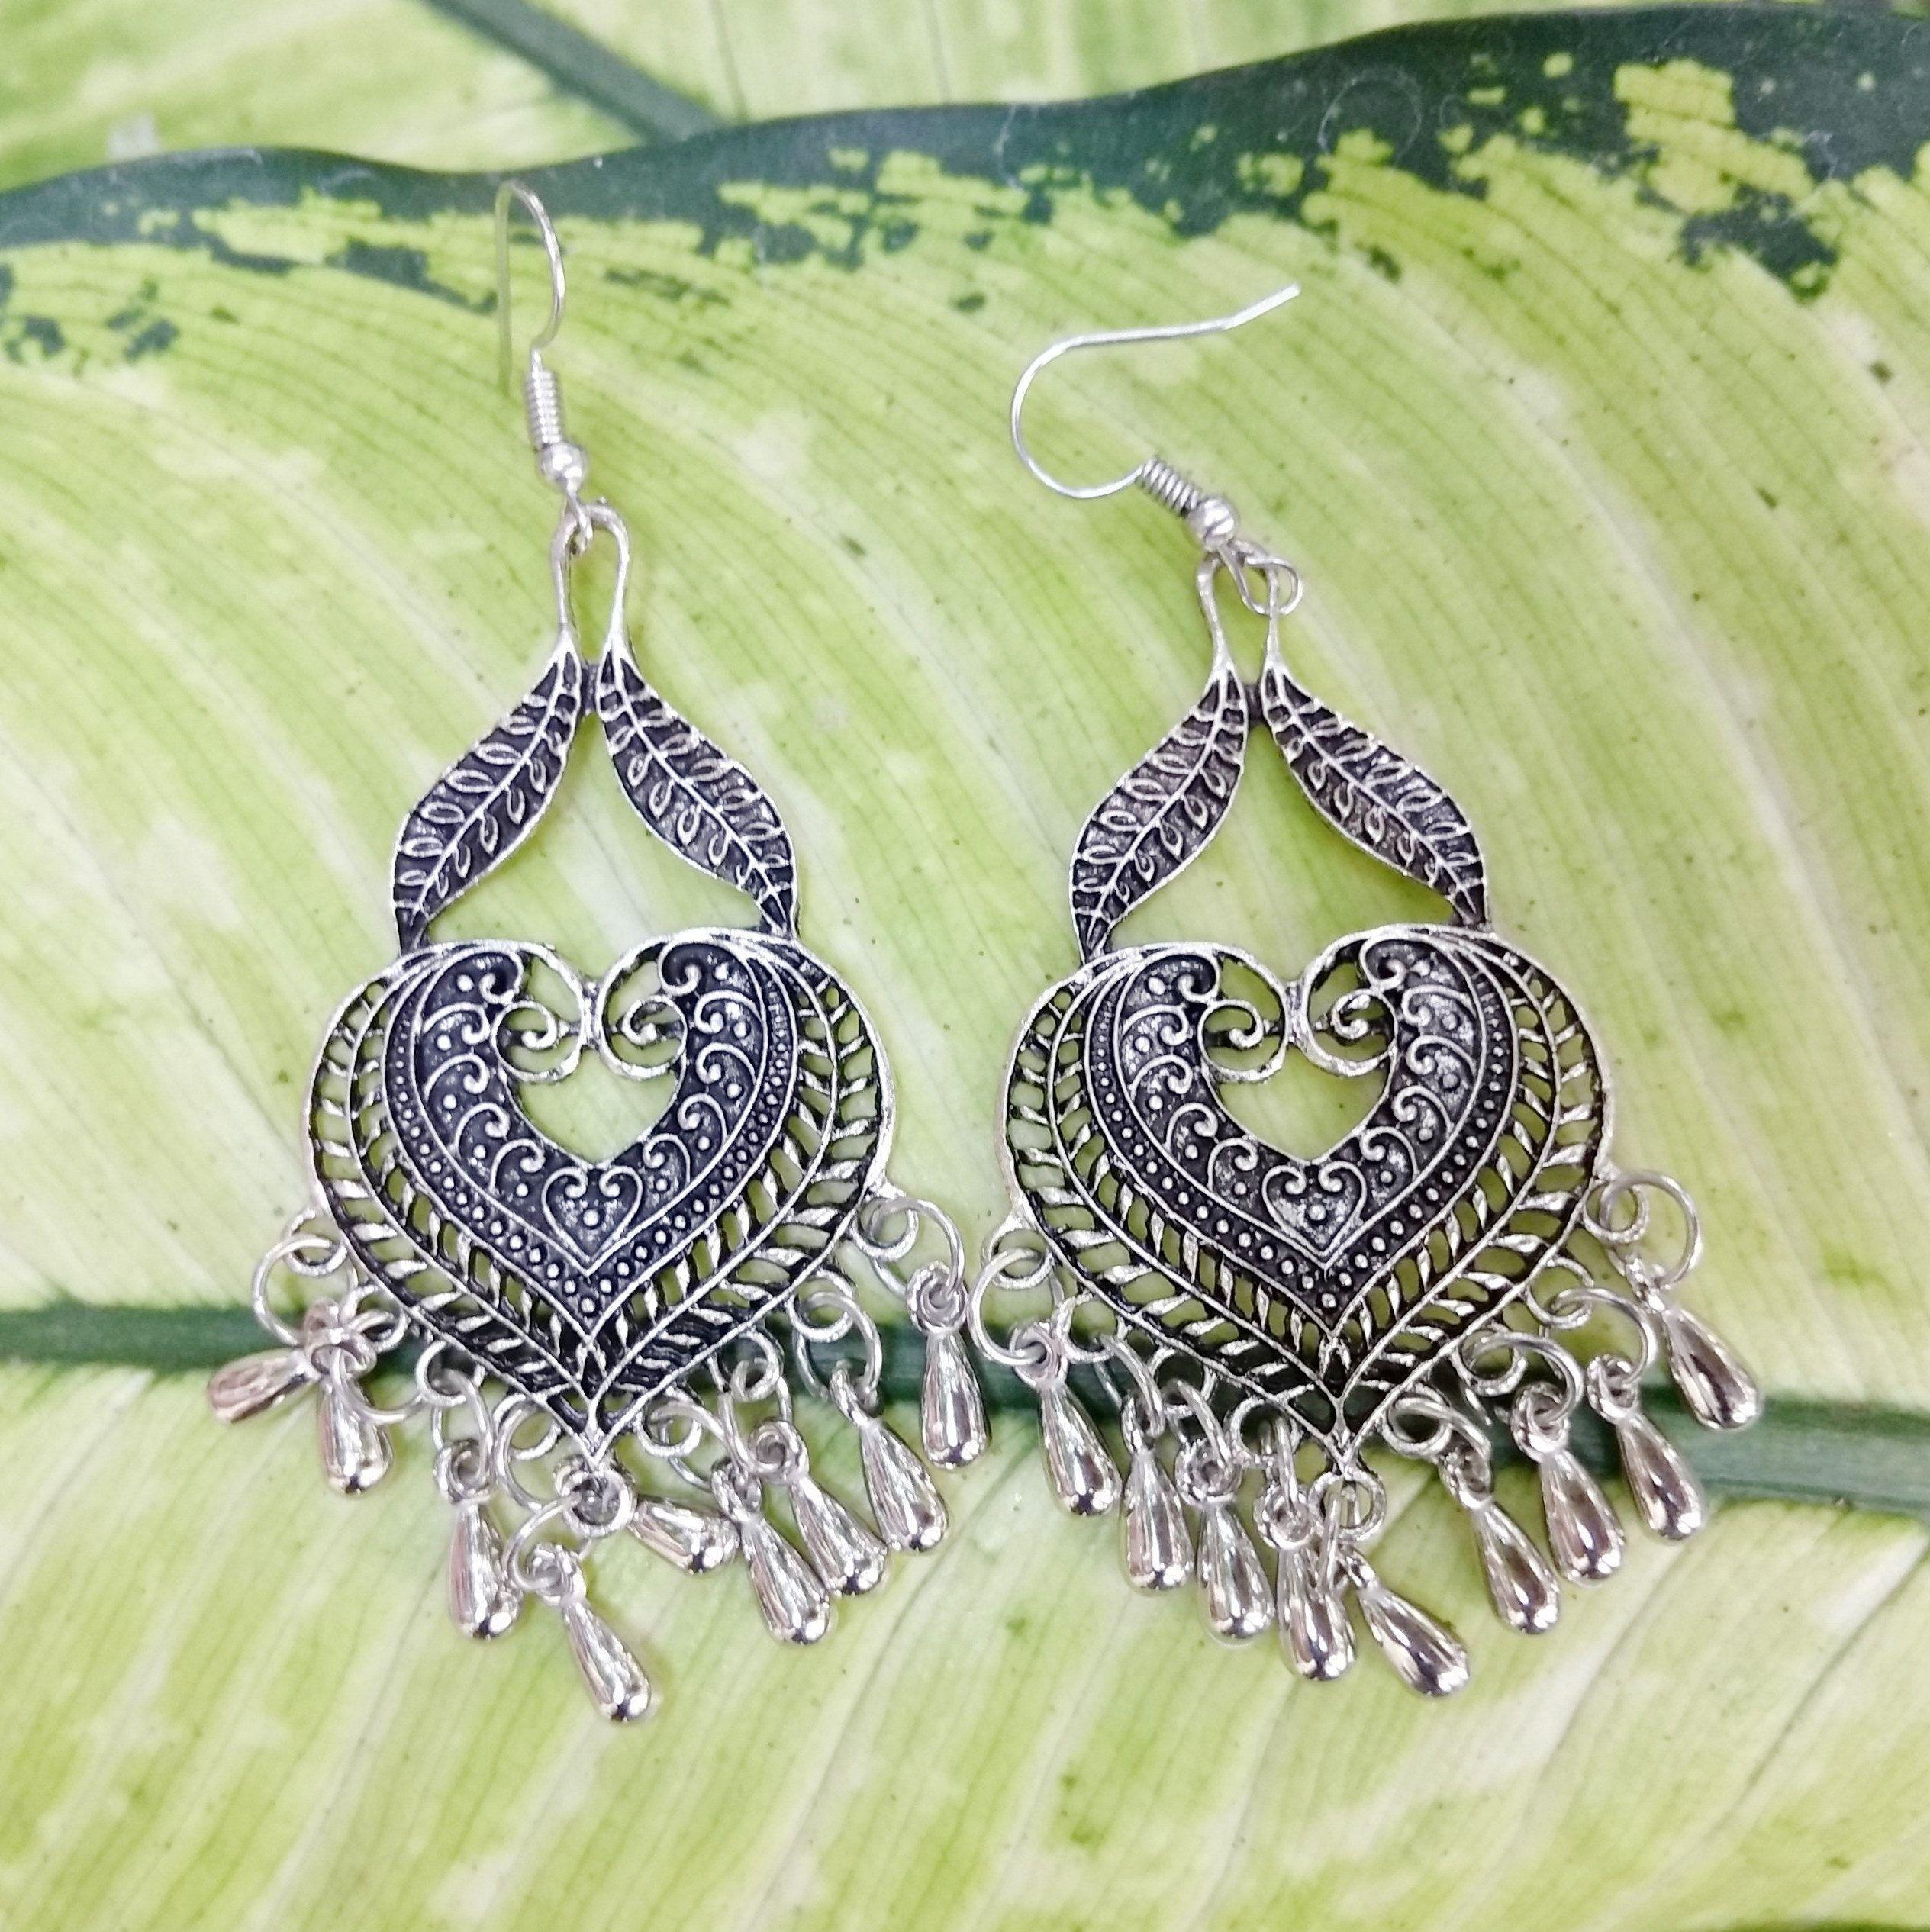 c913d3128 Large chunky Indian long earrings,Big silver dangle earrings for  women,Indian tribal gypsy jewellery,Vintage style ethnic bohemian earrings.